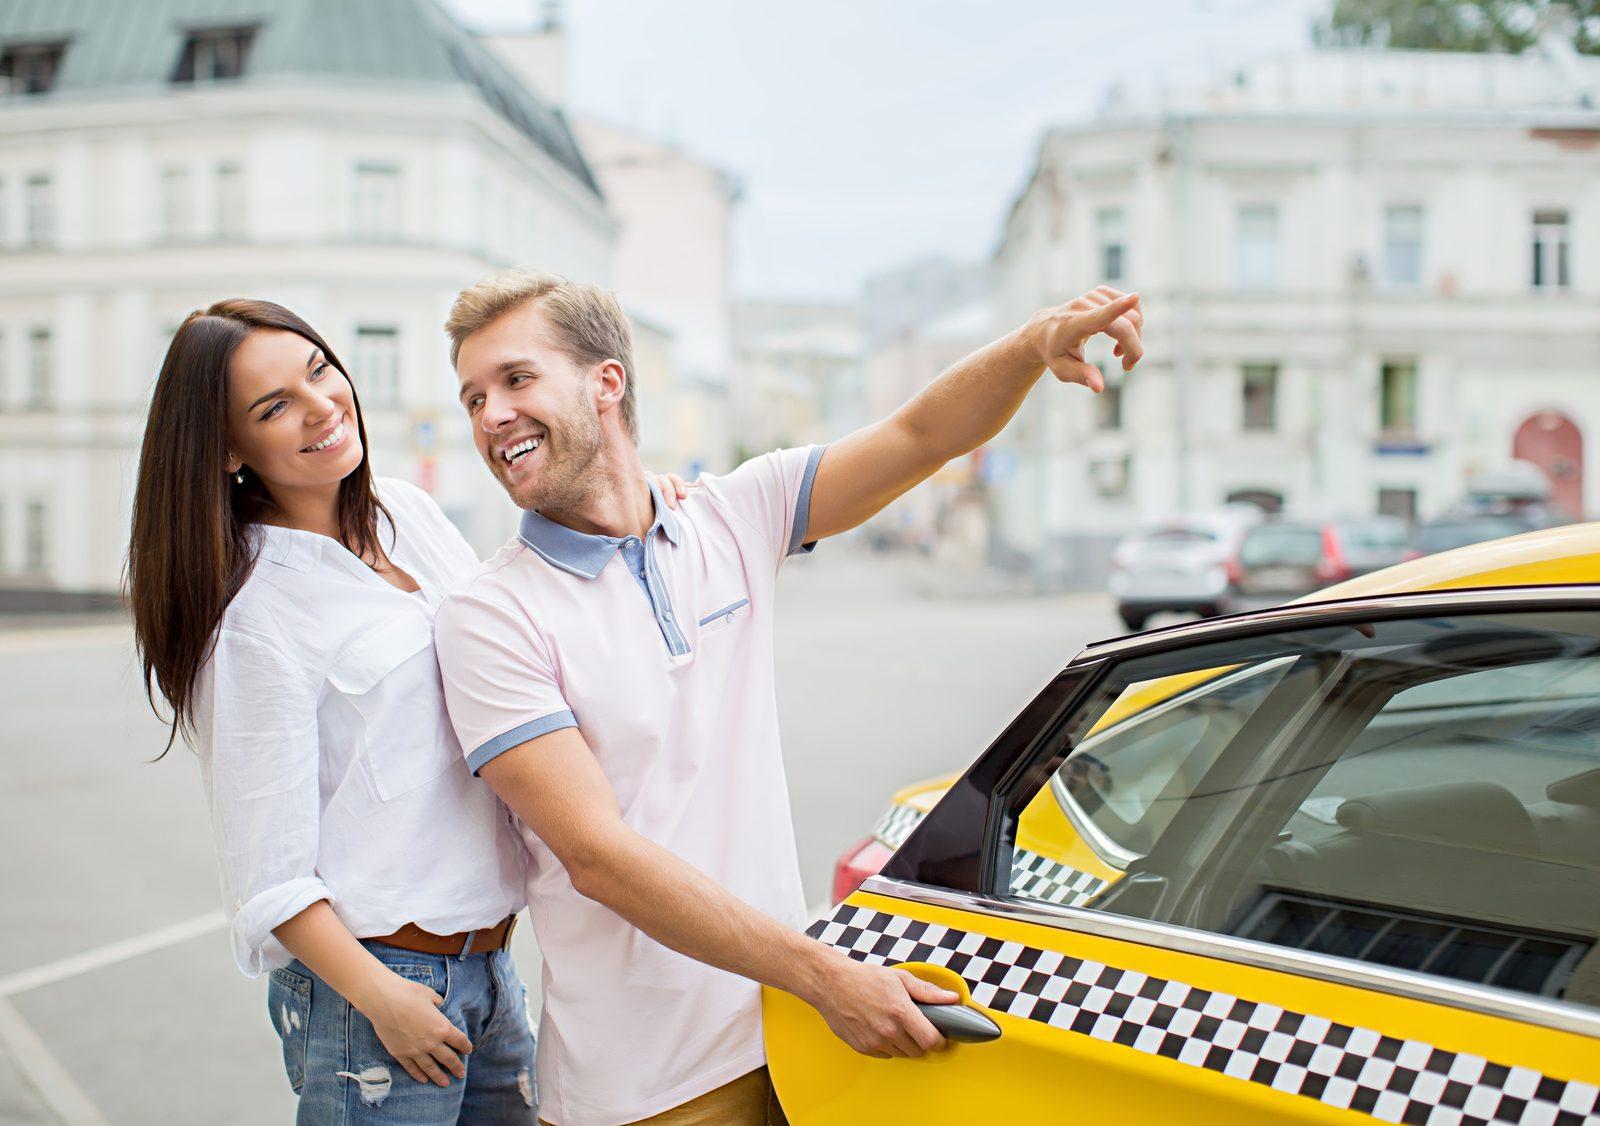 タクシーに乗る男と乗らない男、結婚に向くのはどっち?